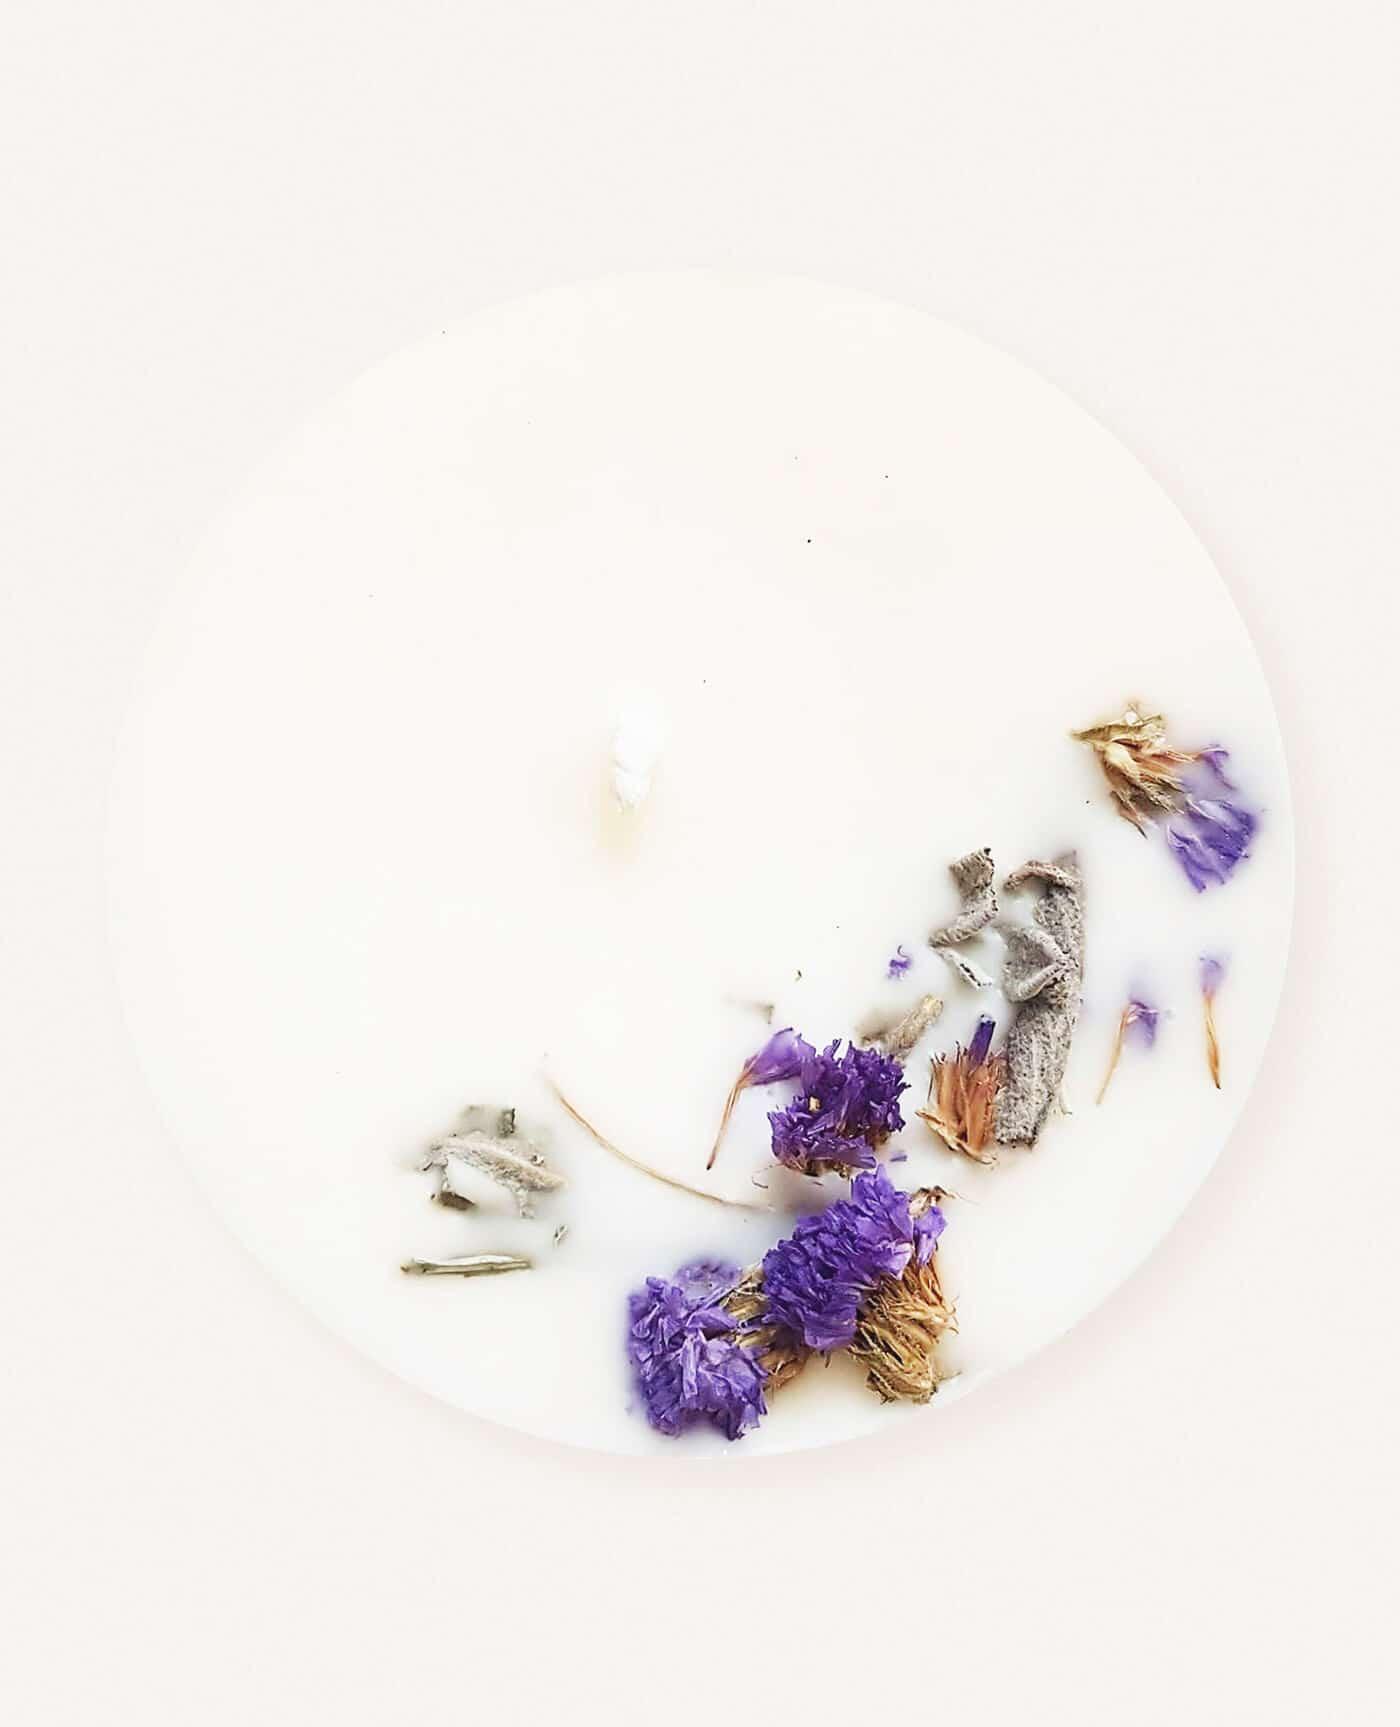 Bougie parfumée fleurie Musc boisé vegan de la marque Ponoie made in France